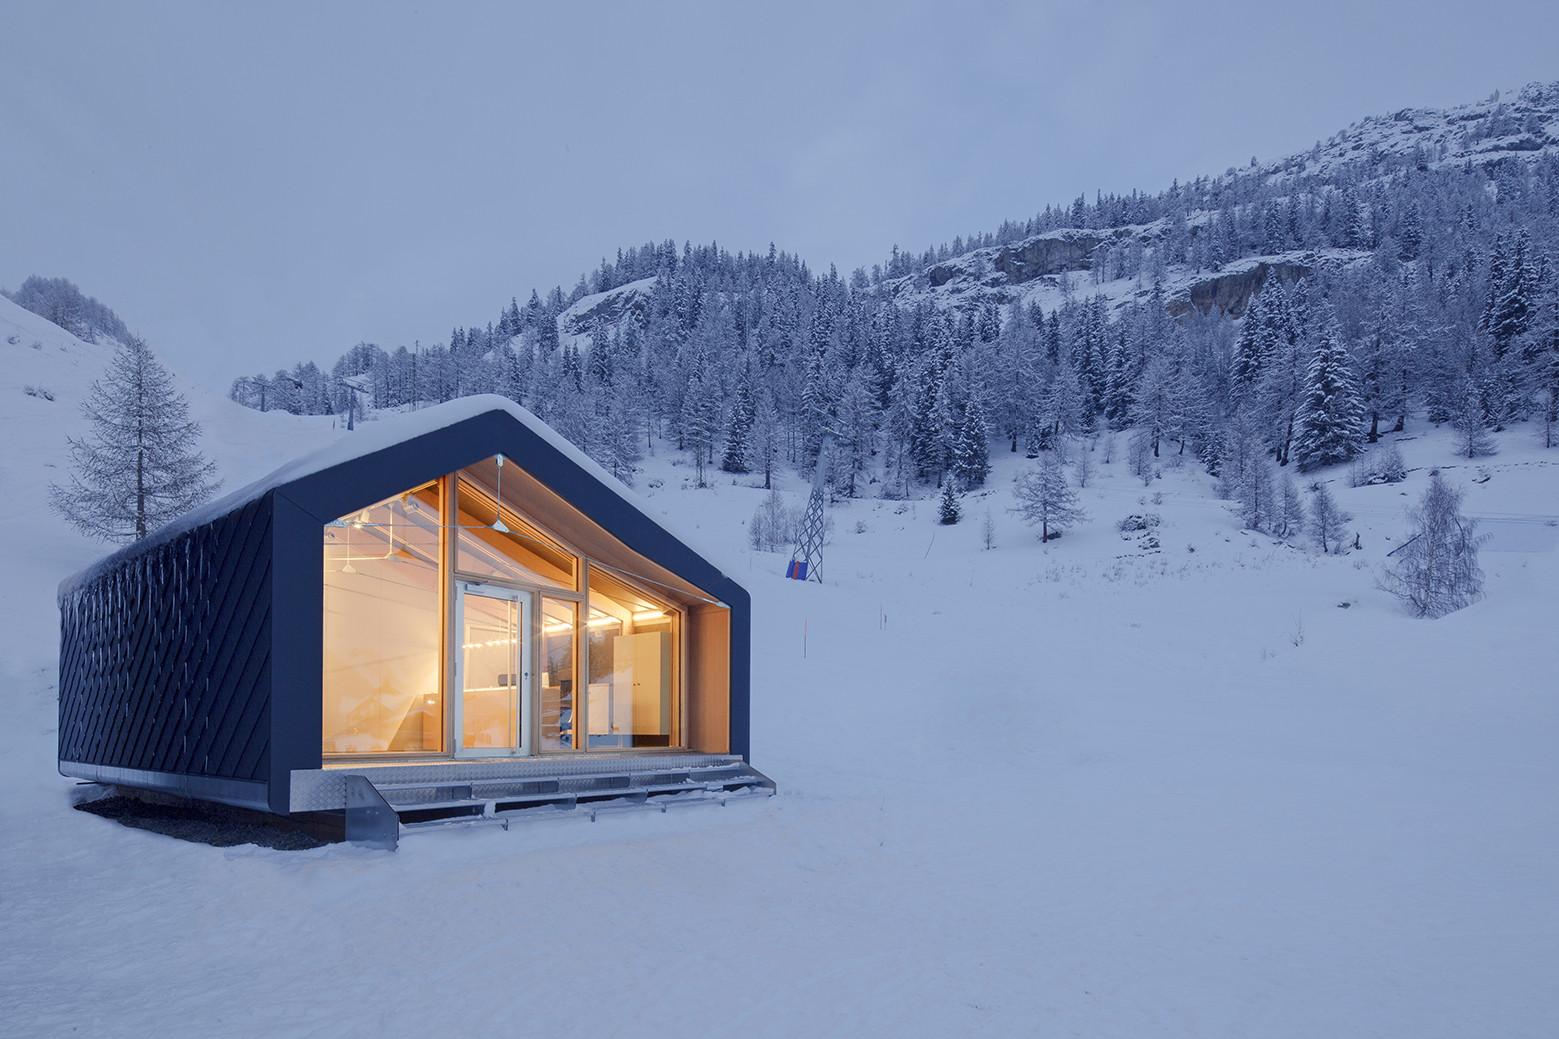 Escuela de Esquí & Snowboard Courmayeur / LEAPfactory, © Francesco Mattuzzi